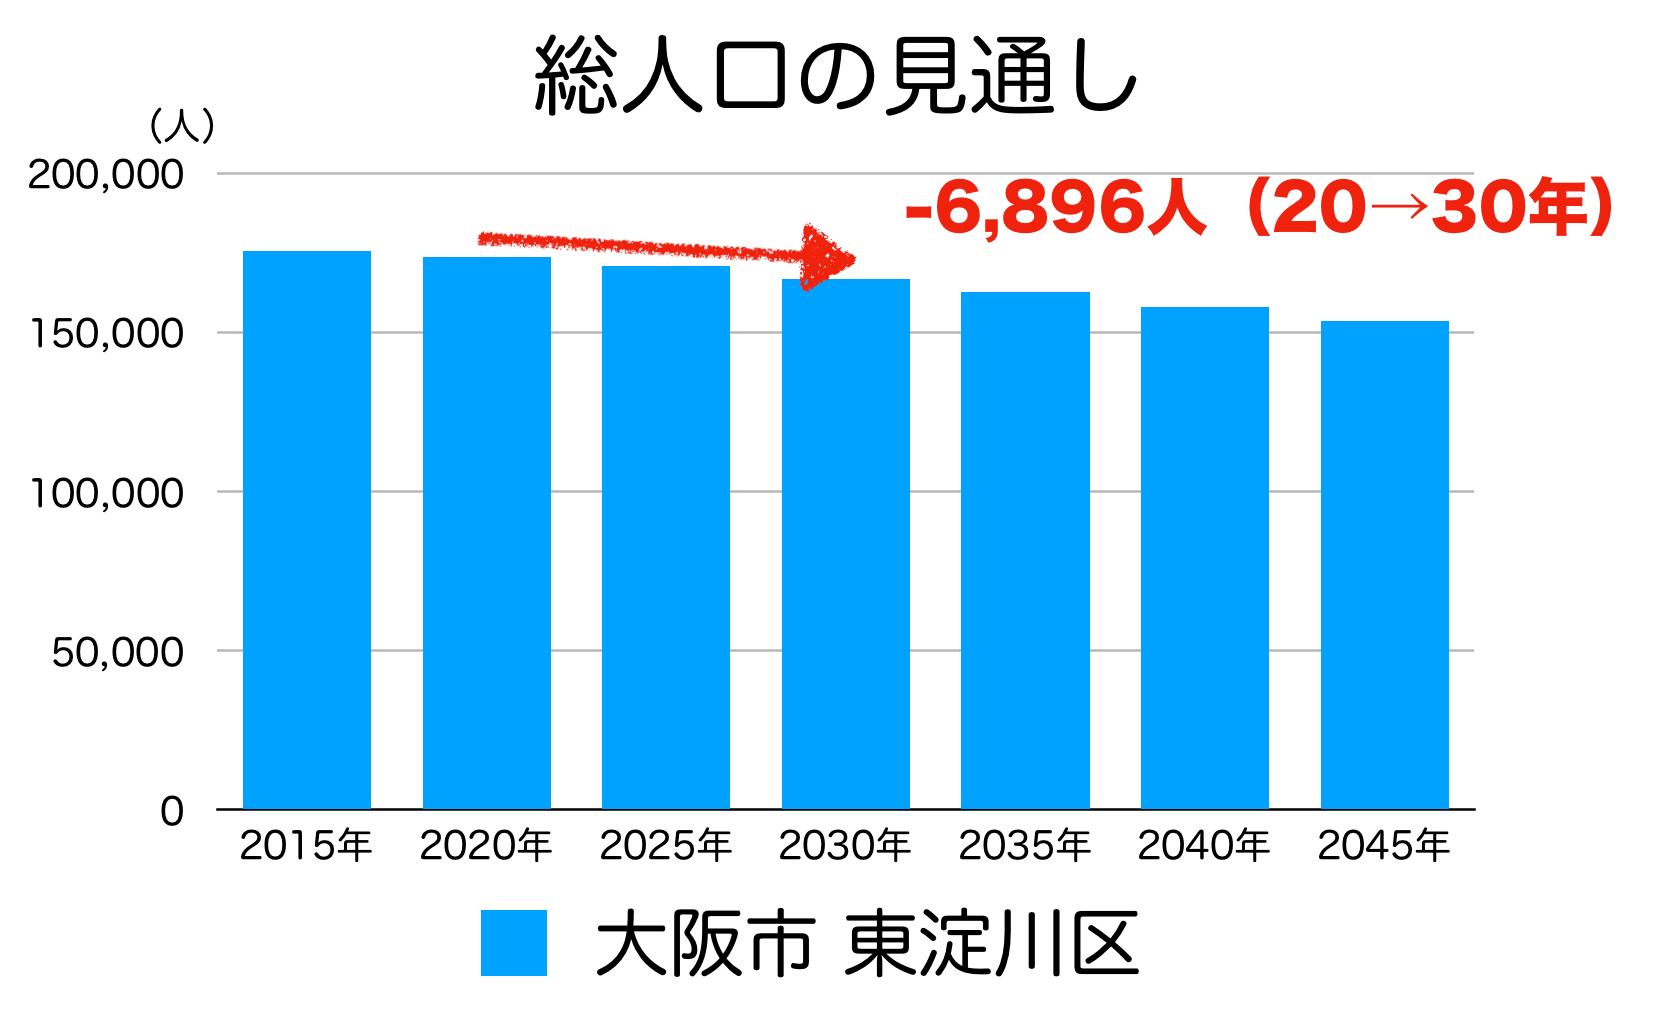 大阪市東淀川区の人口予測